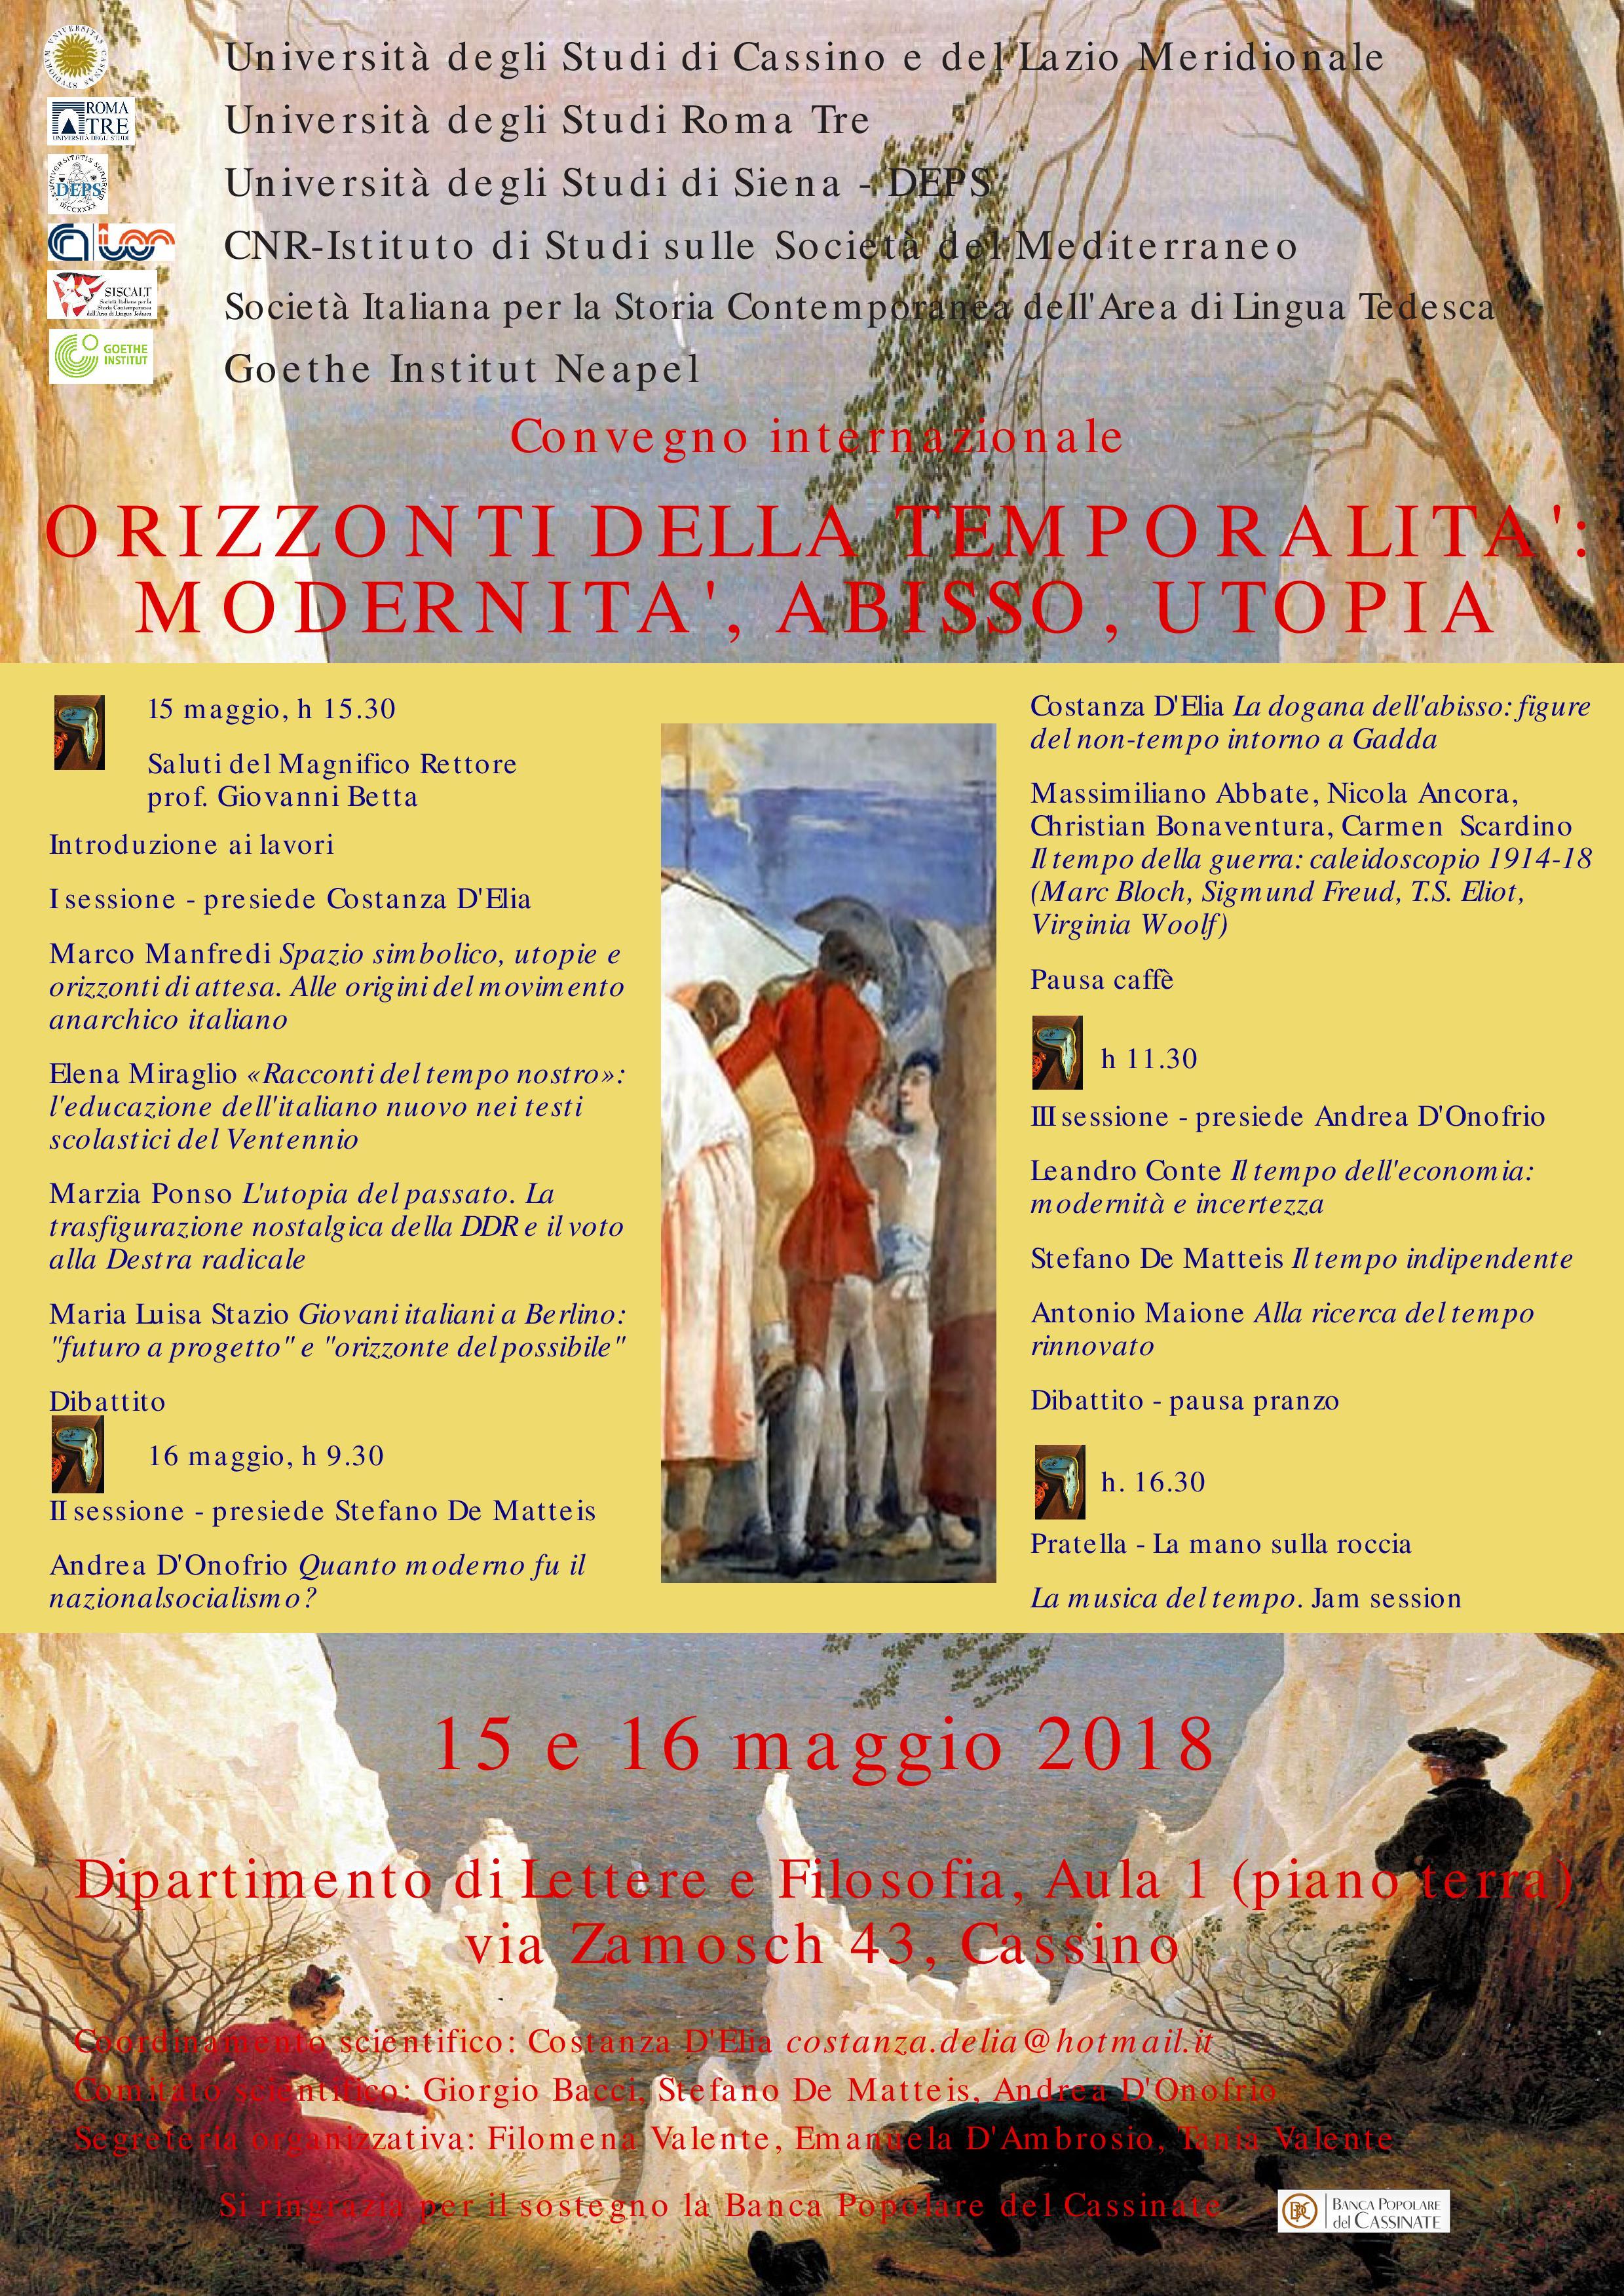 Convegno Temporalità Cassino 15-16 maggio 2018-page-001